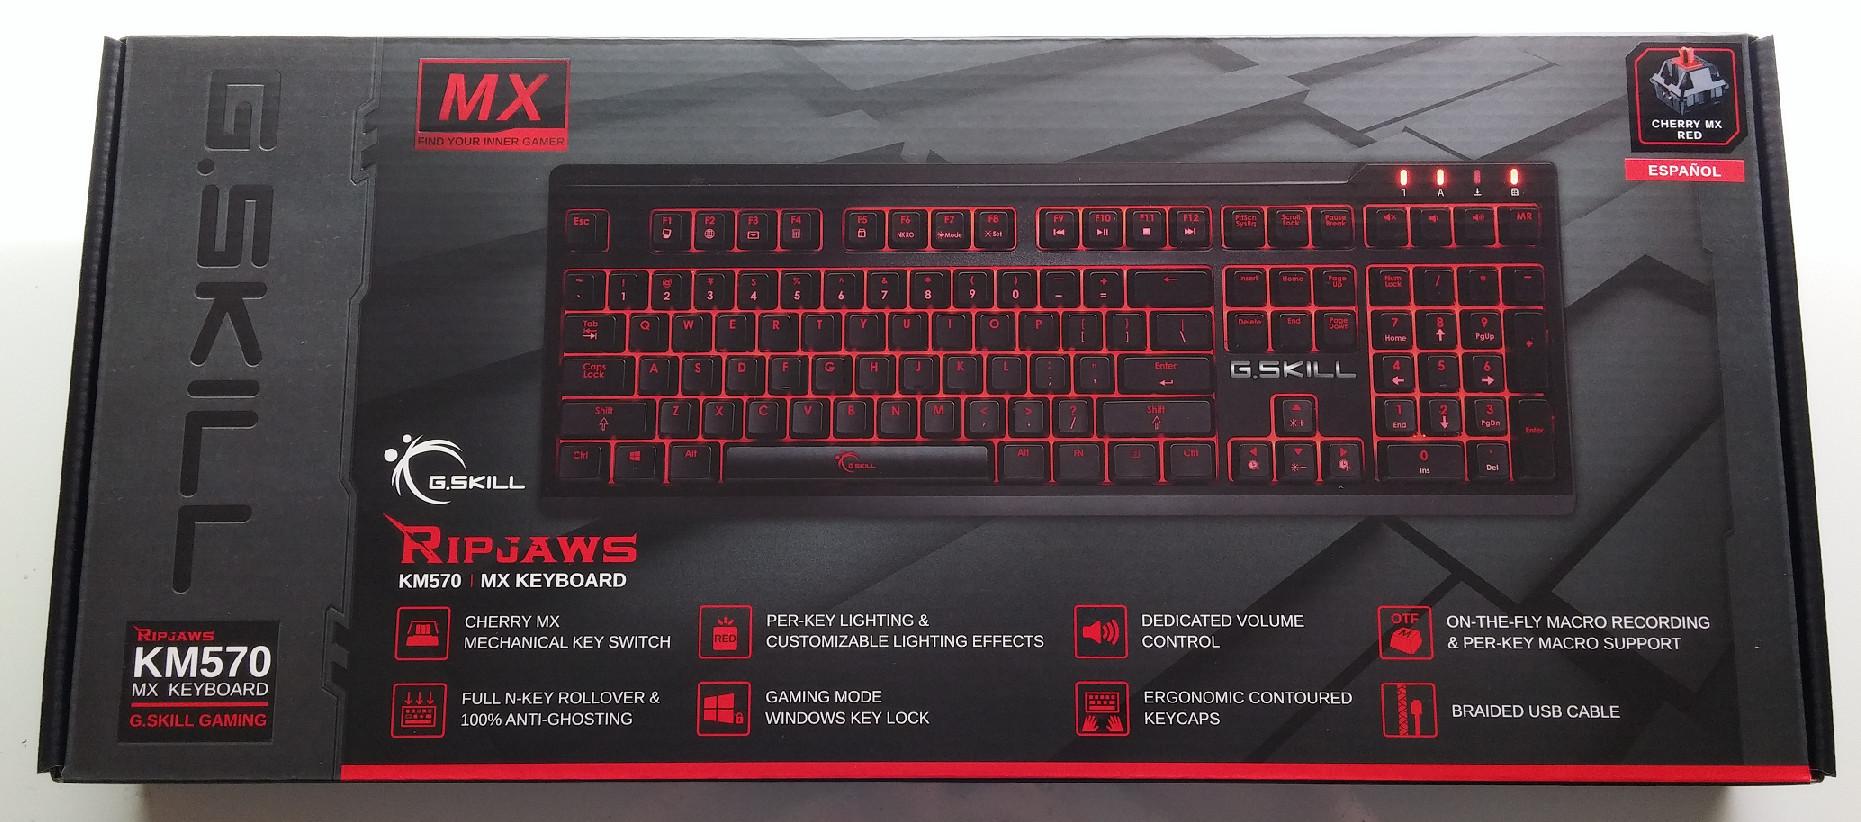 Ripjaws KM570 MX